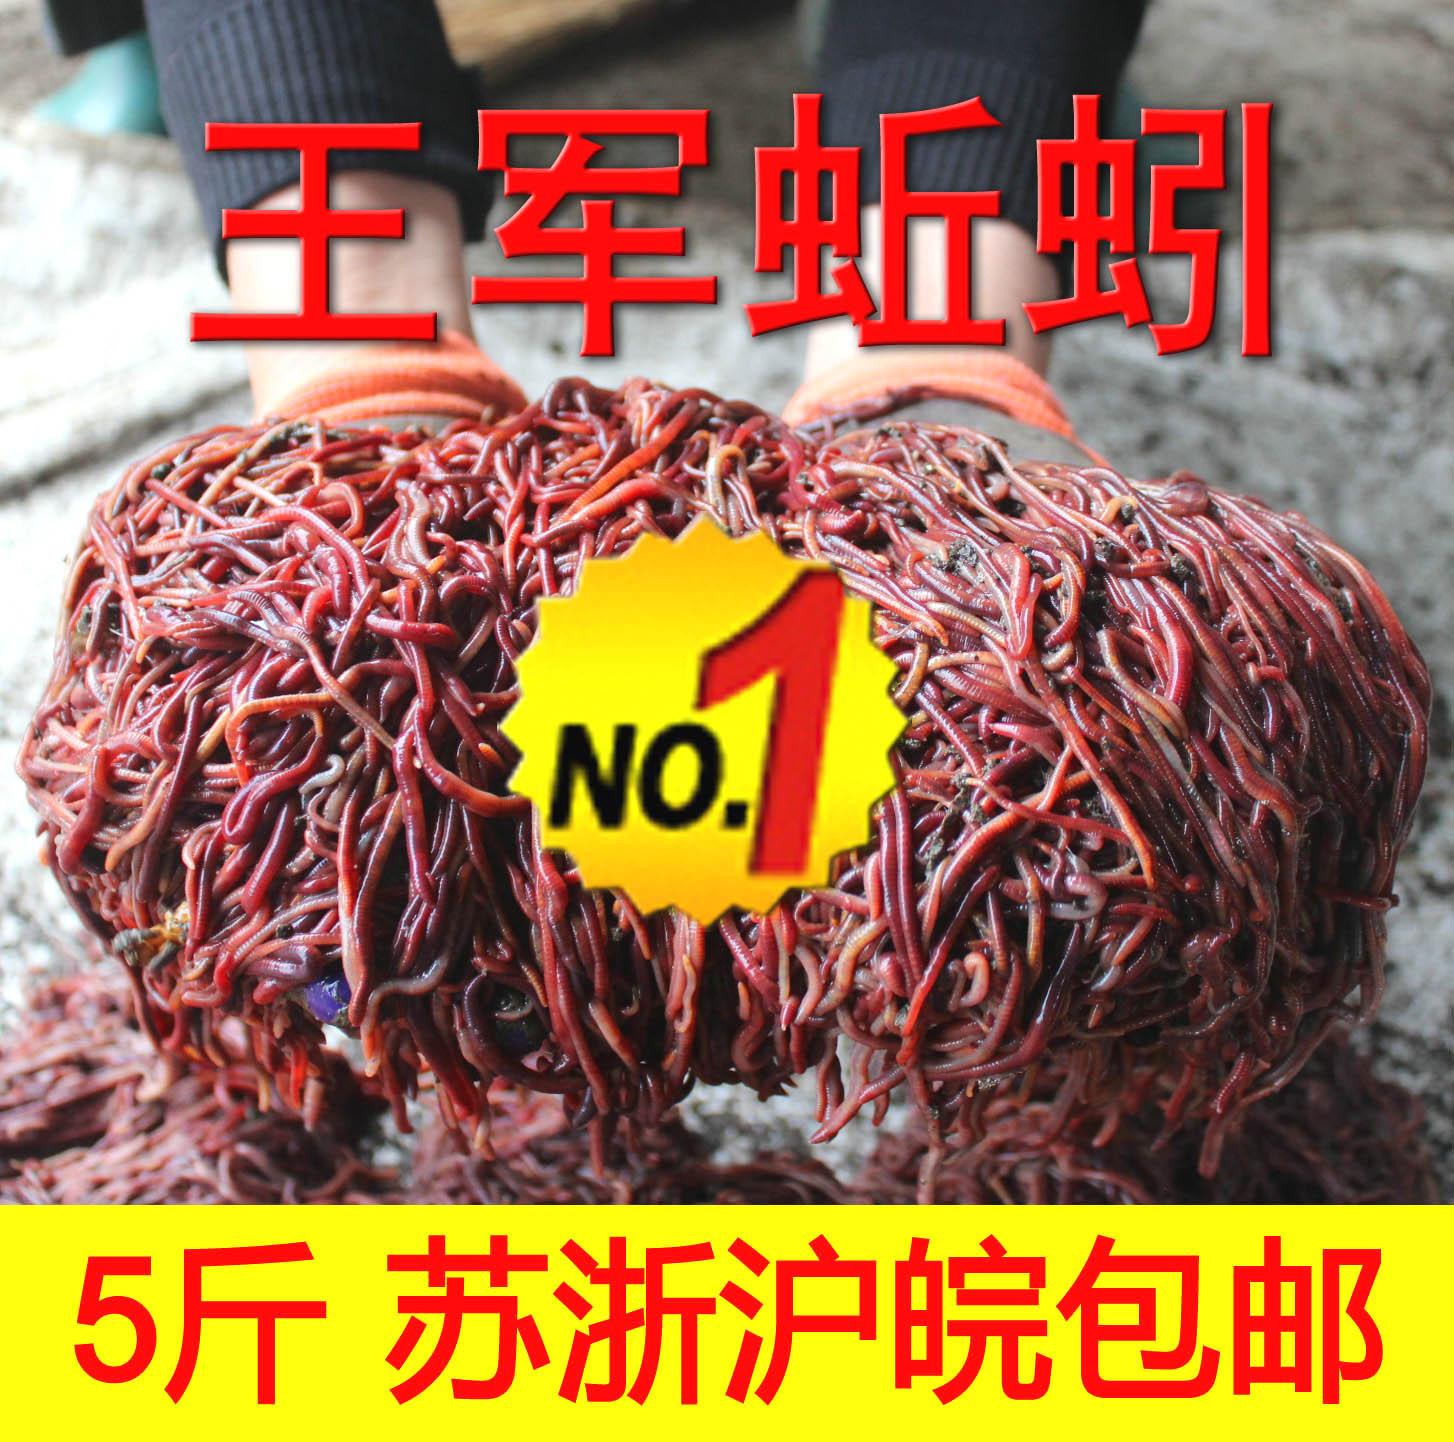 王军蚯蚓放生江浙沪皖包邮斤5活体红蚯蚓鱼饵散装